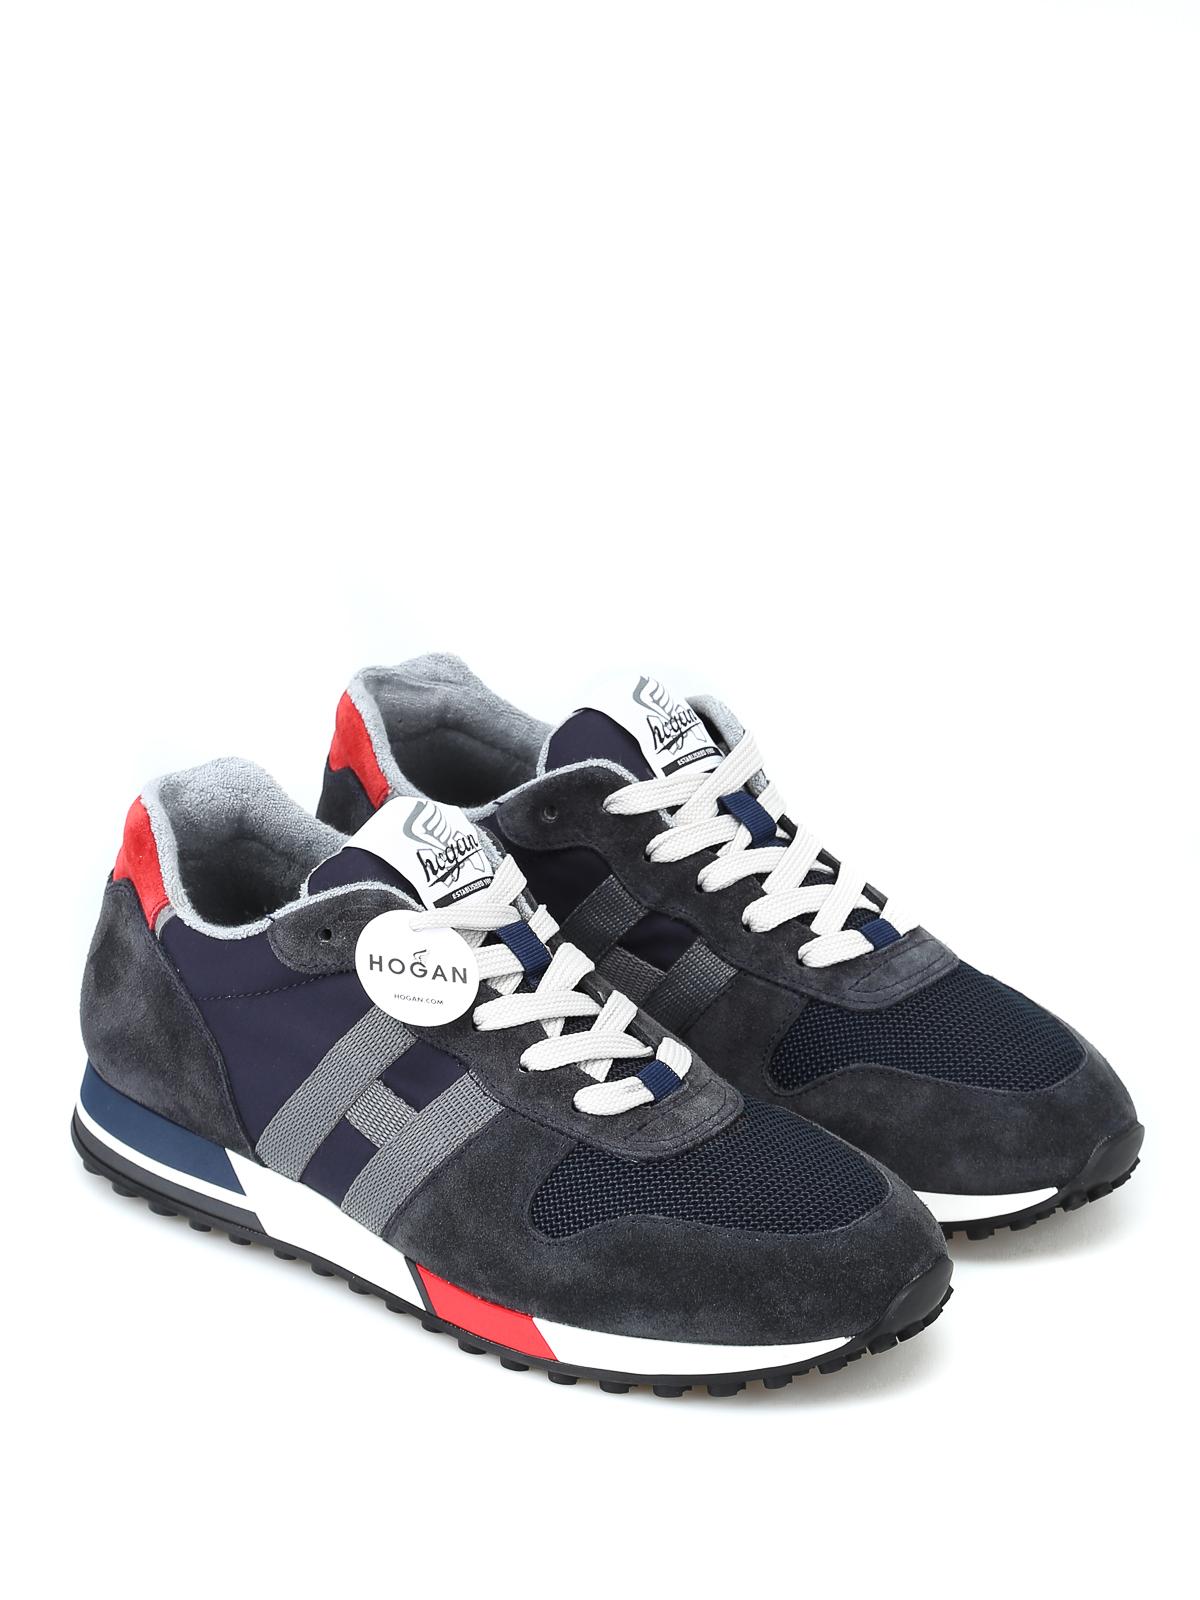 e7de56f71d73 Hogan - Sneaker - Dunkelblau - Sneaker - HXM3830AN50JHM6EEC   iKRIX.com